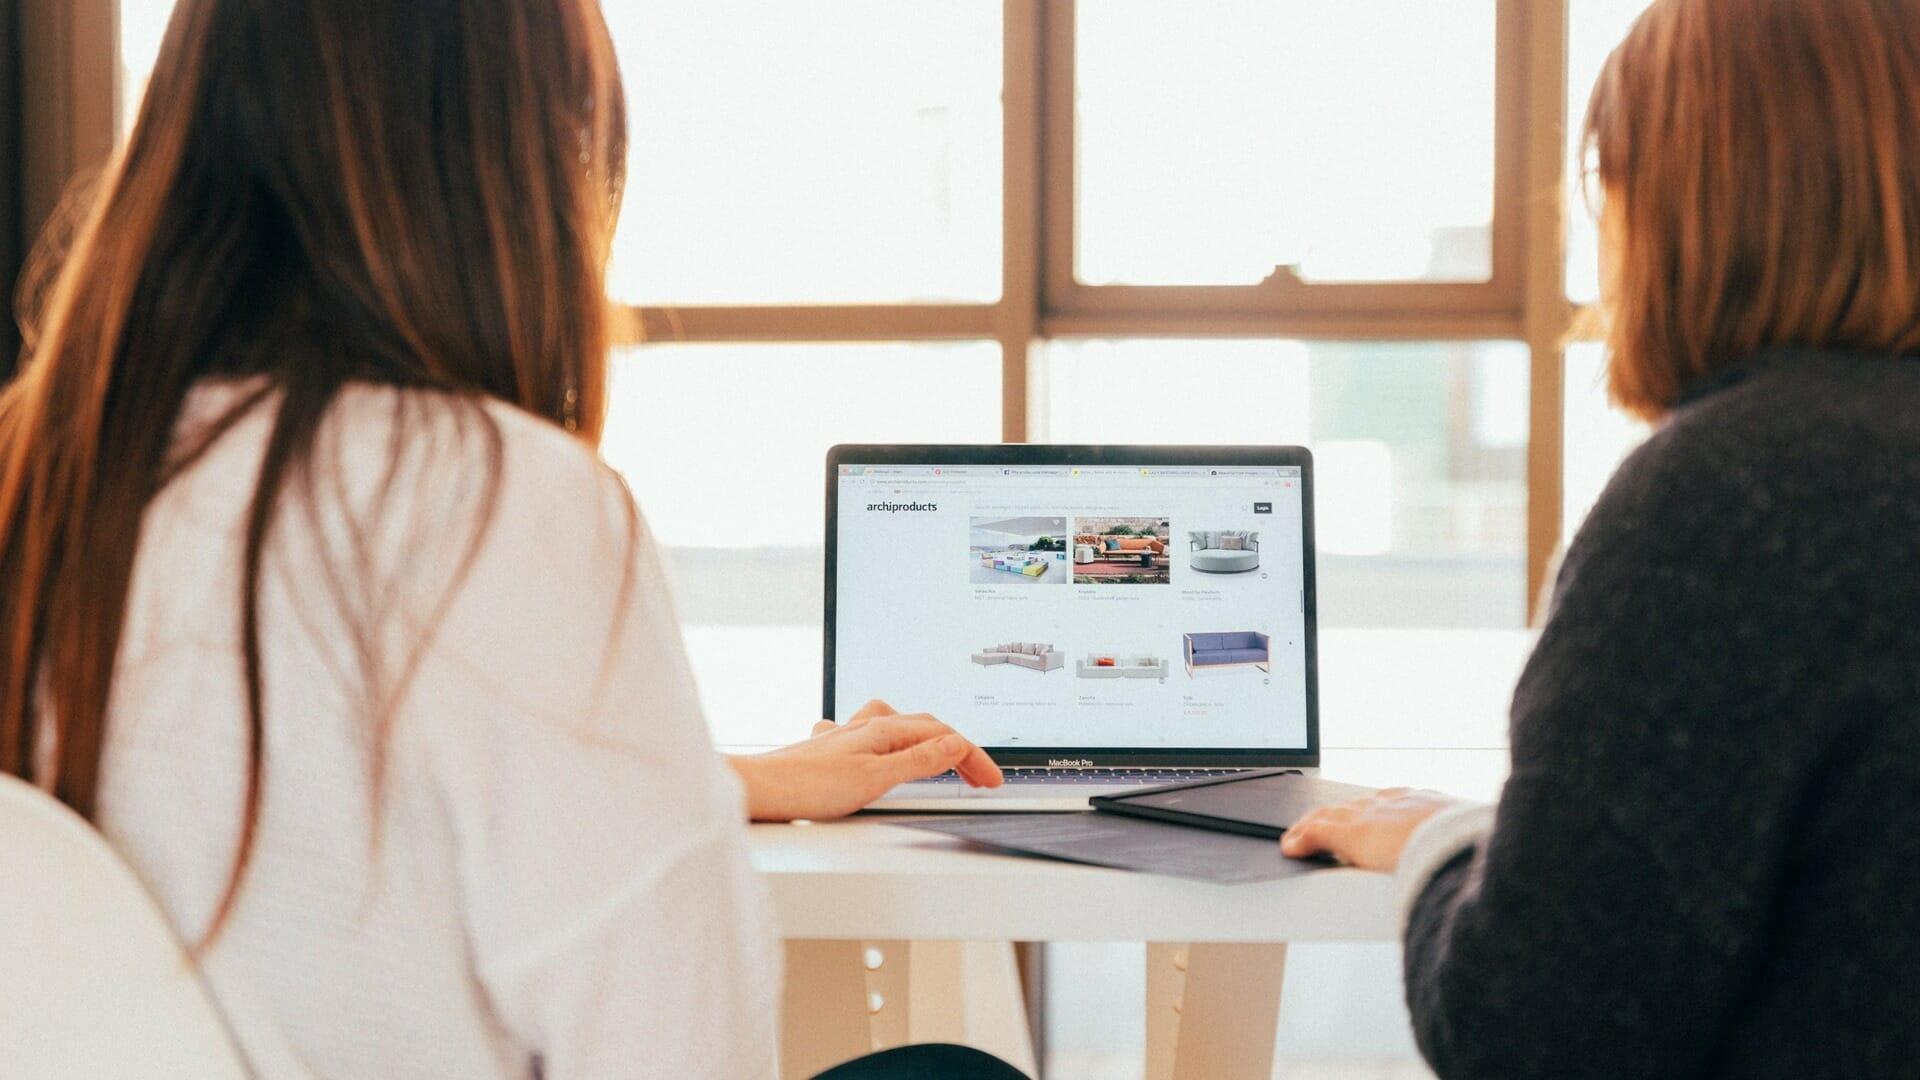 construindo-credibilidade-com-um-site